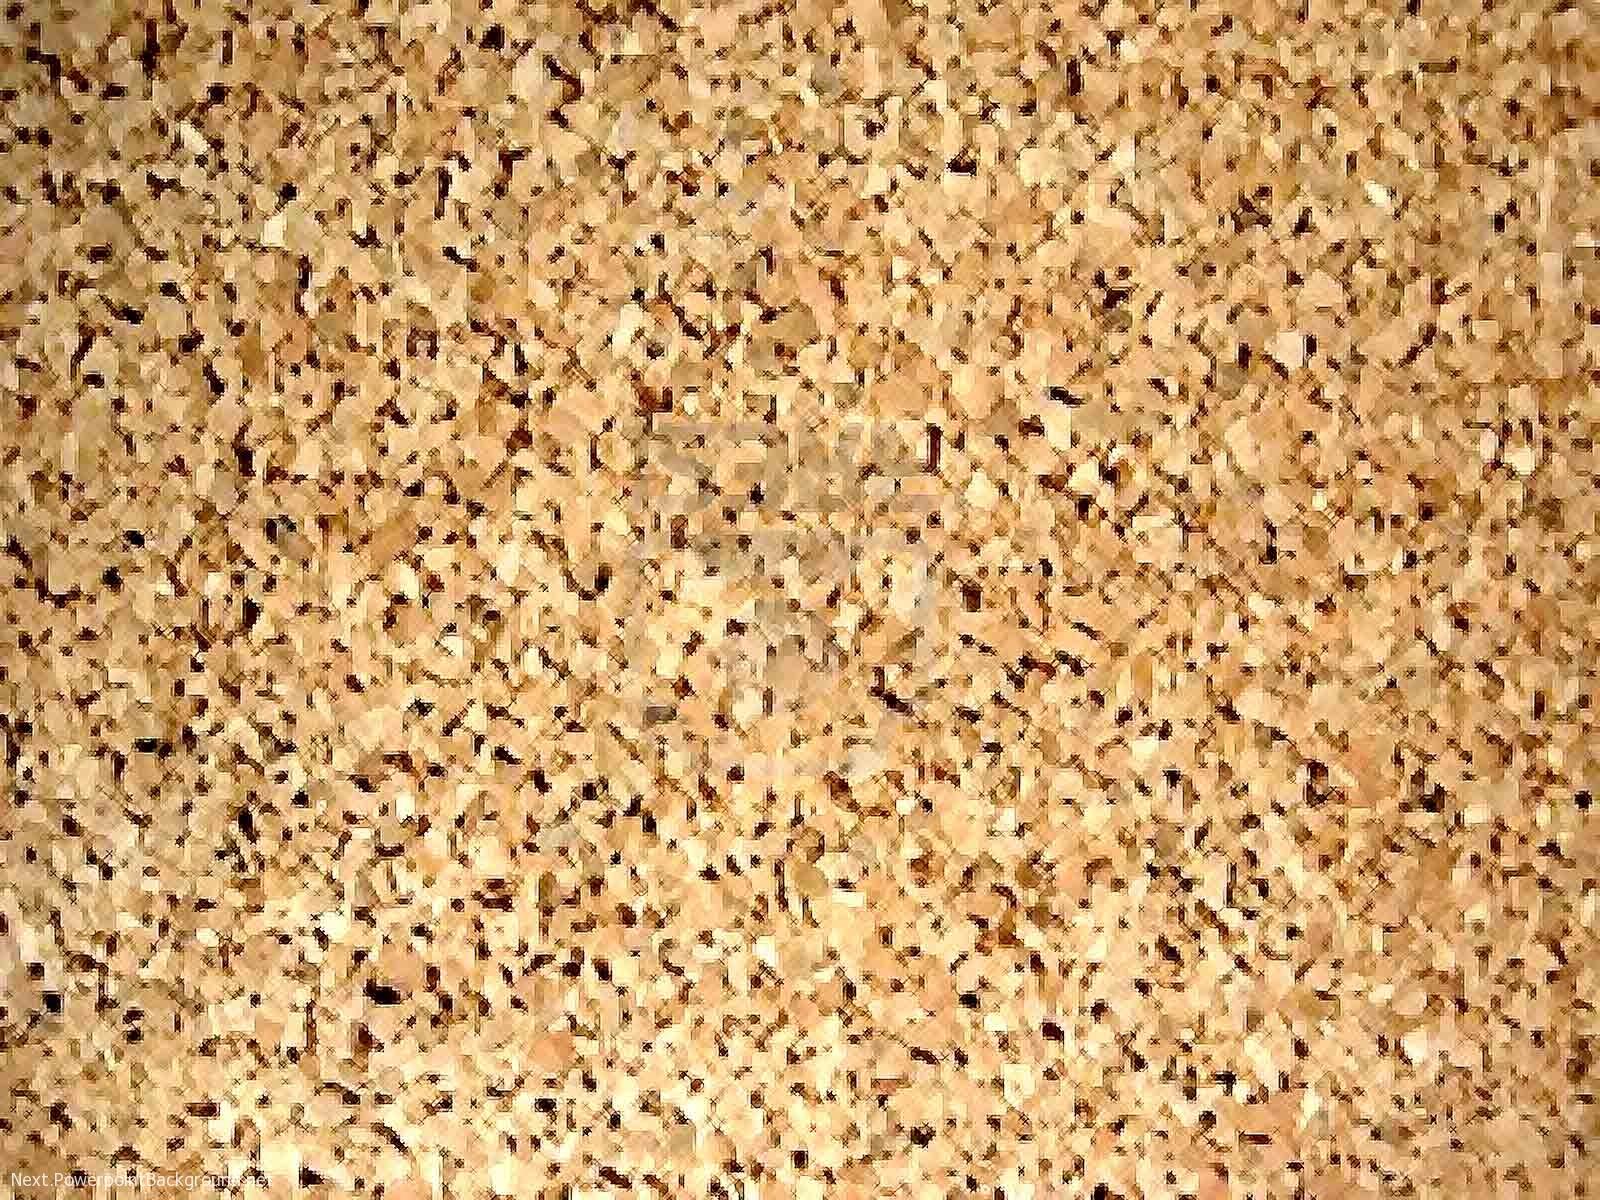 Cork Board Texture Powerpoint Background – Next